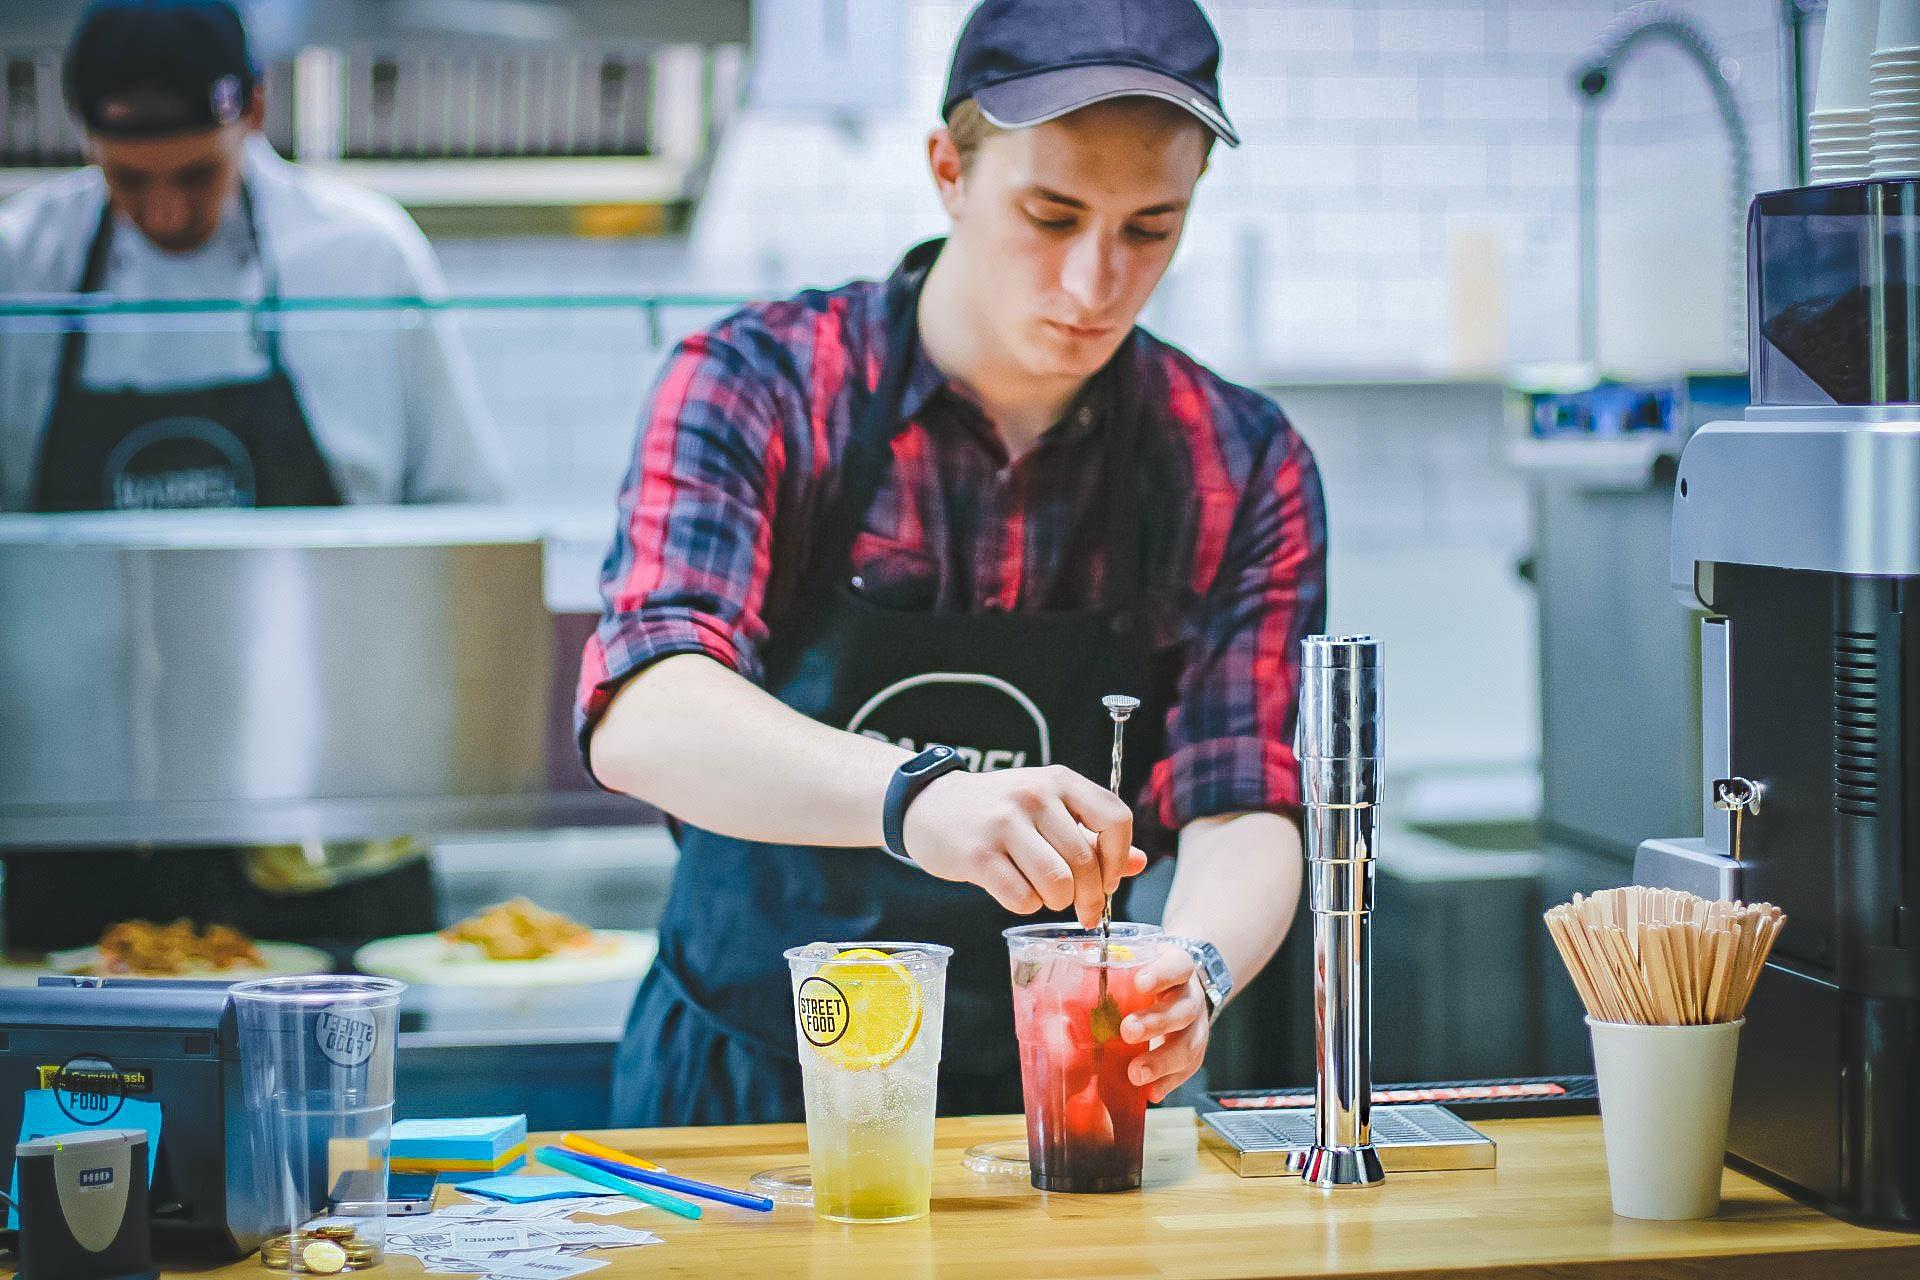 Man at work stirring drinks in a kitchen